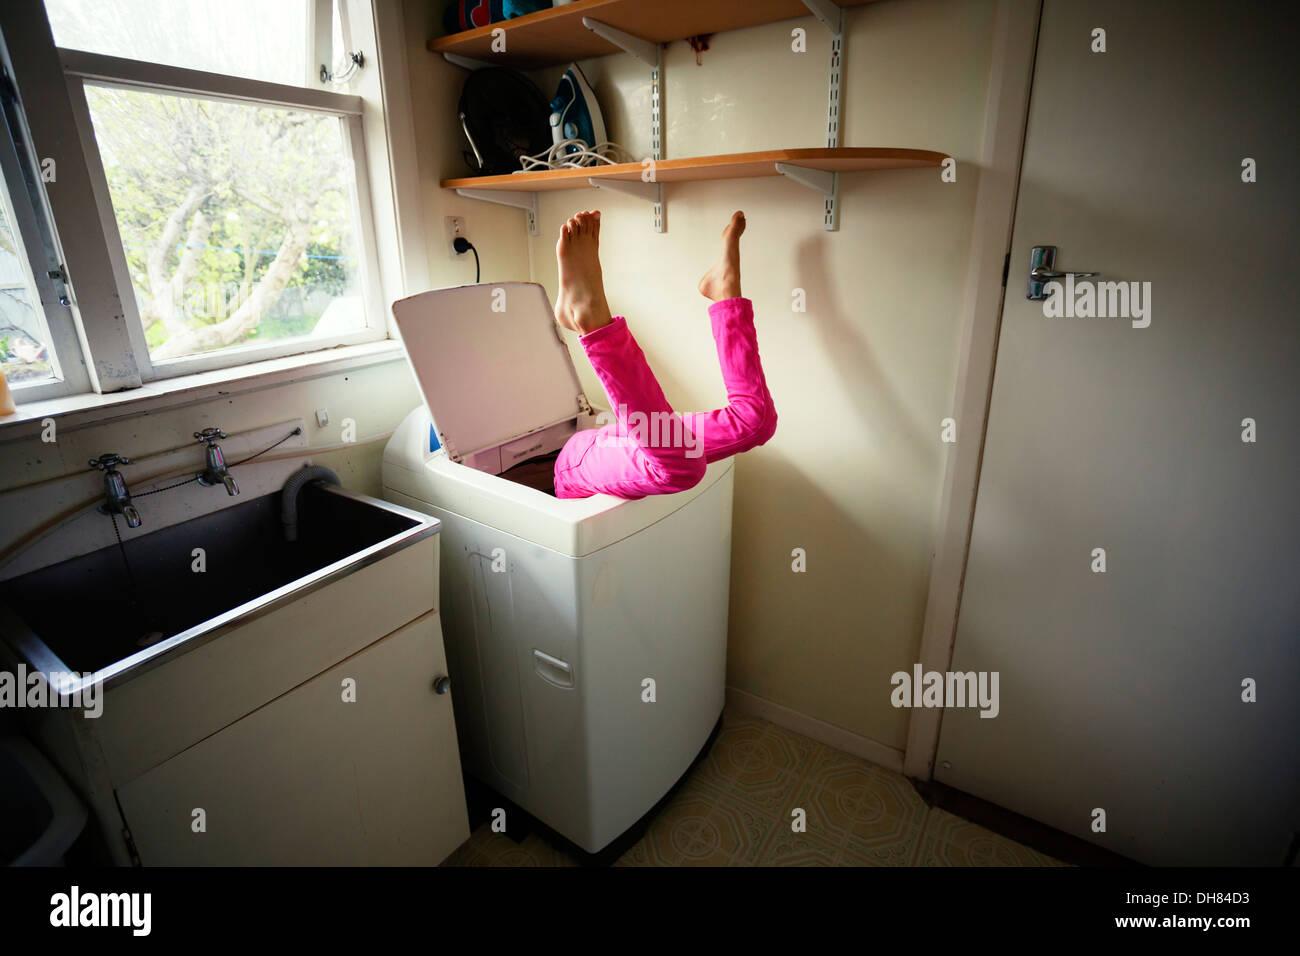 Lavadero accidente Foto de stock